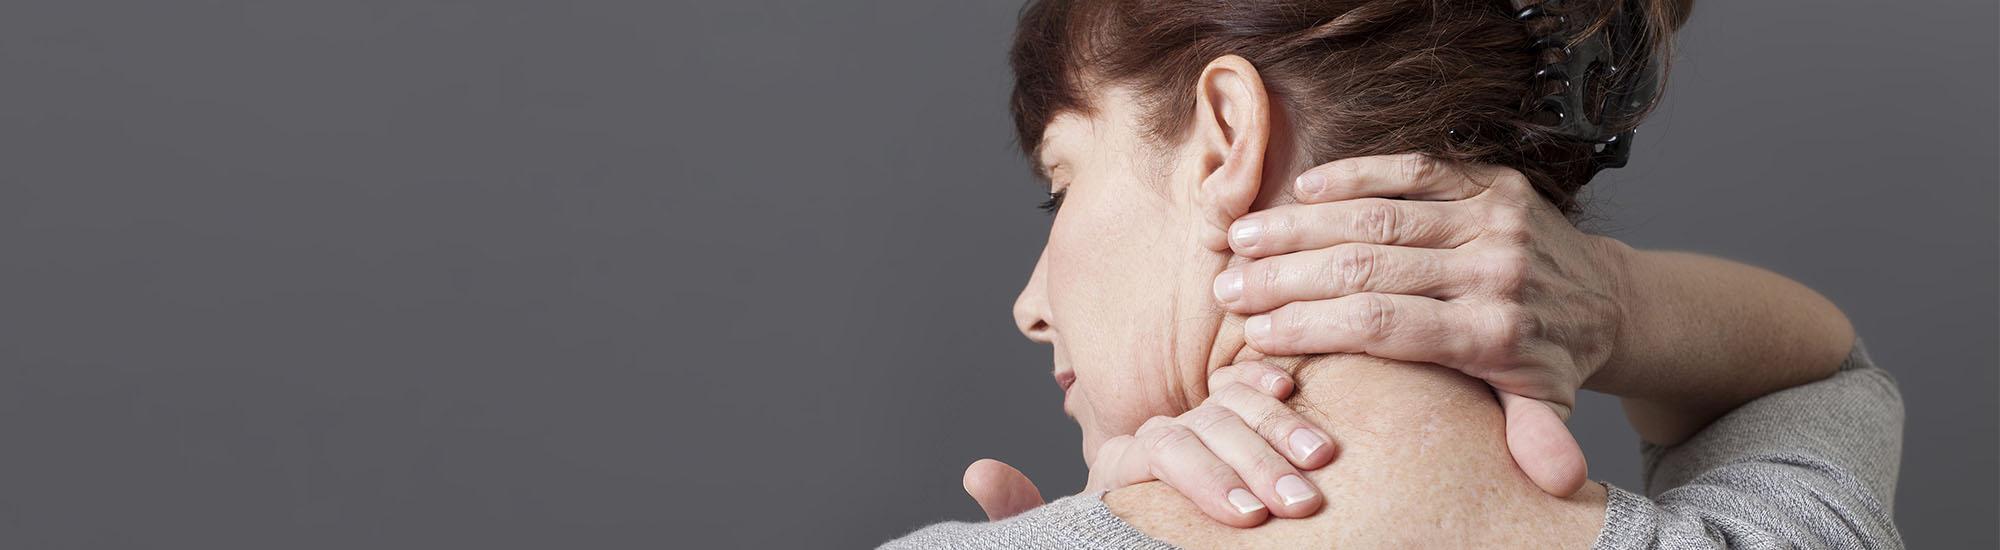 neck chiropractors near me